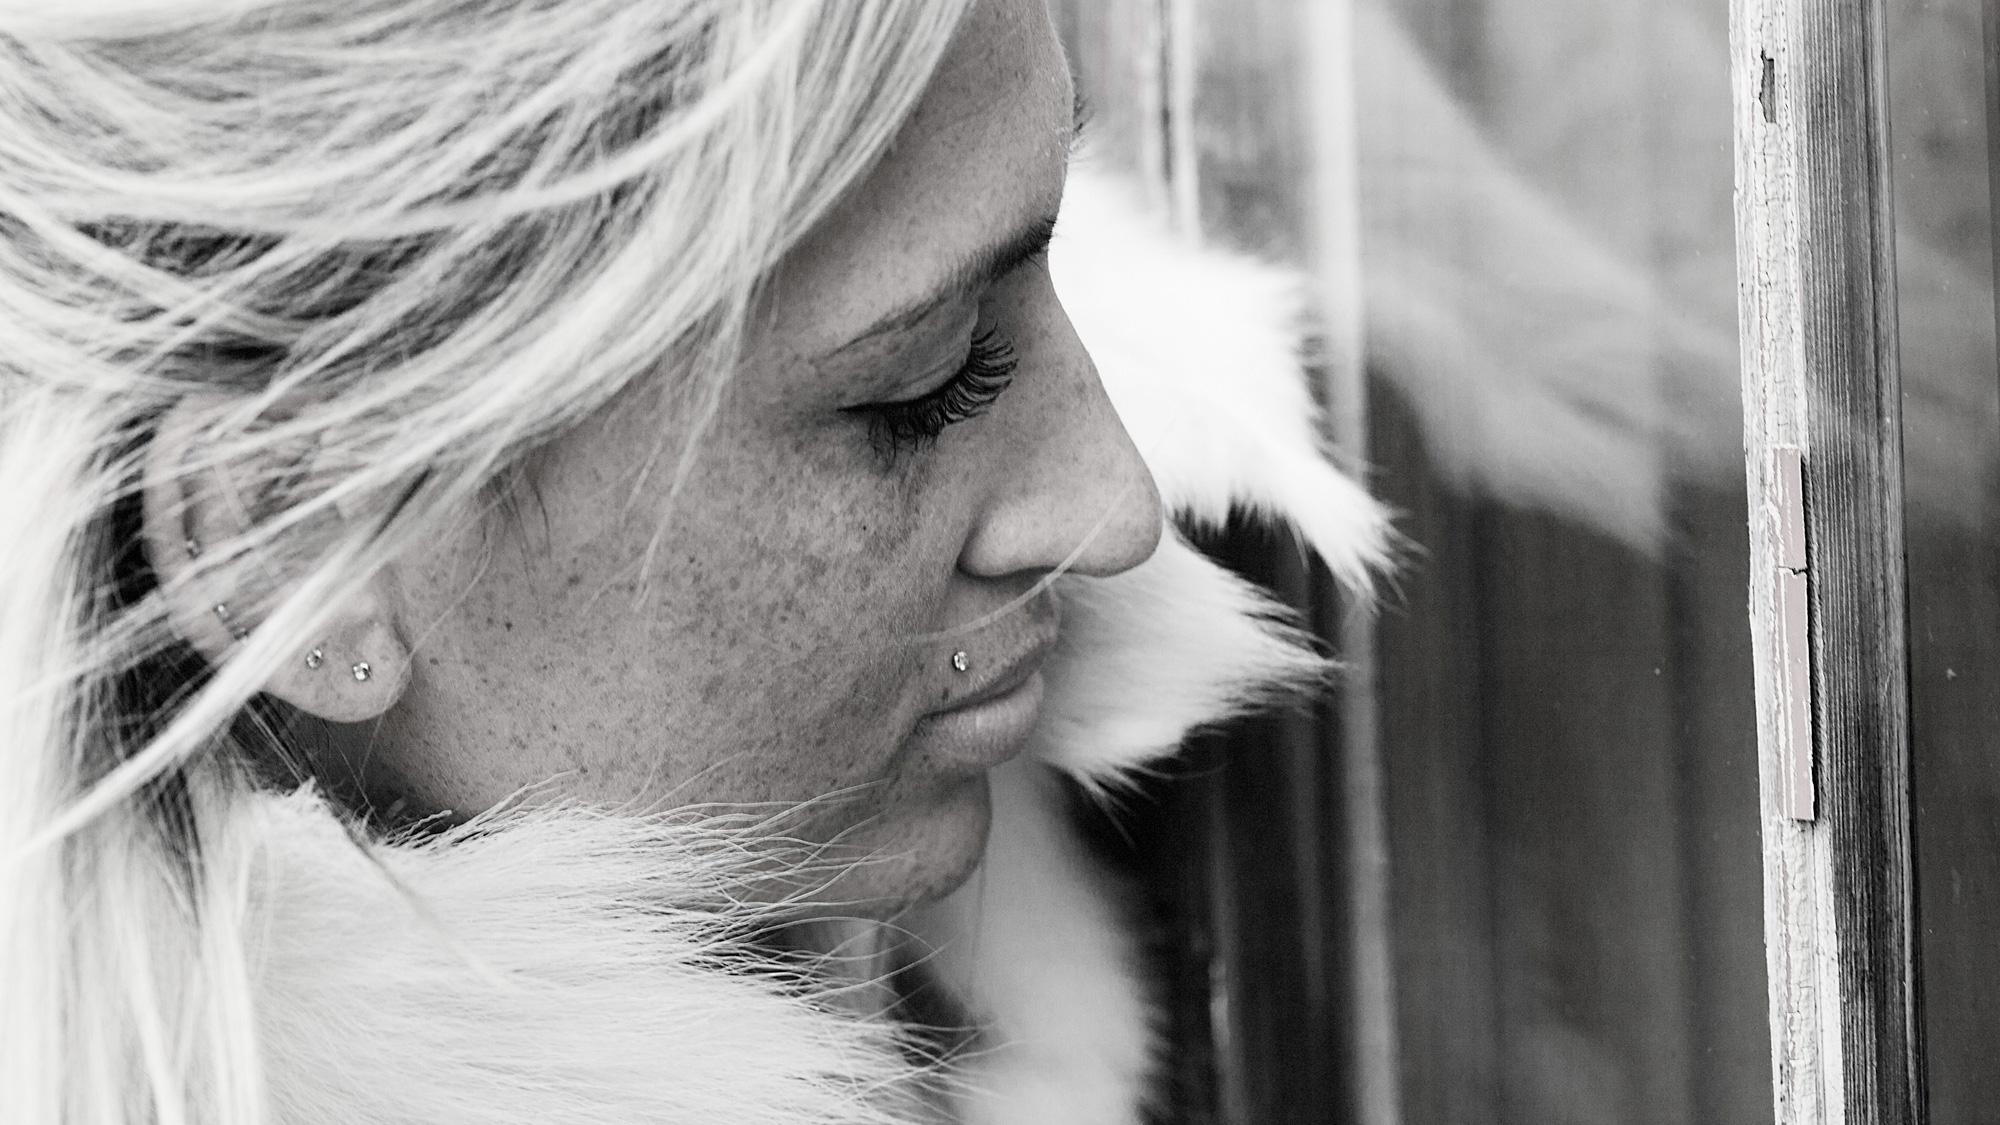 Junge Frau blickt verträumt durch ein Fenster ins Innere einer Hütte.